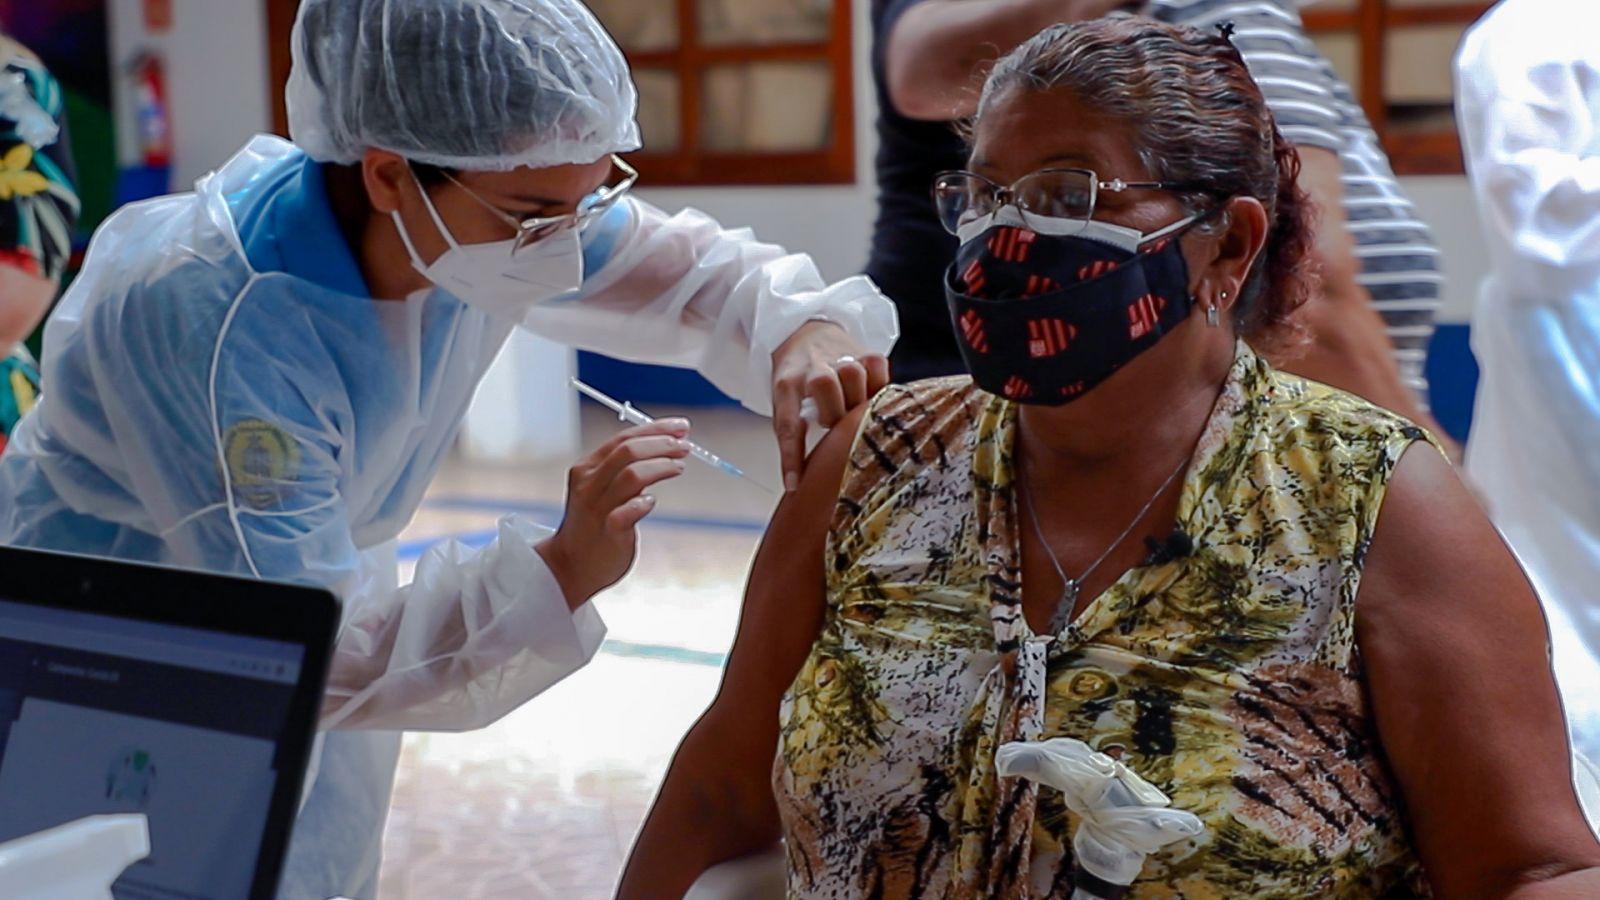 Por falta da vacina Coronavac, aplicação da segunda dose nesta quarta e quinta-feira é suspensa